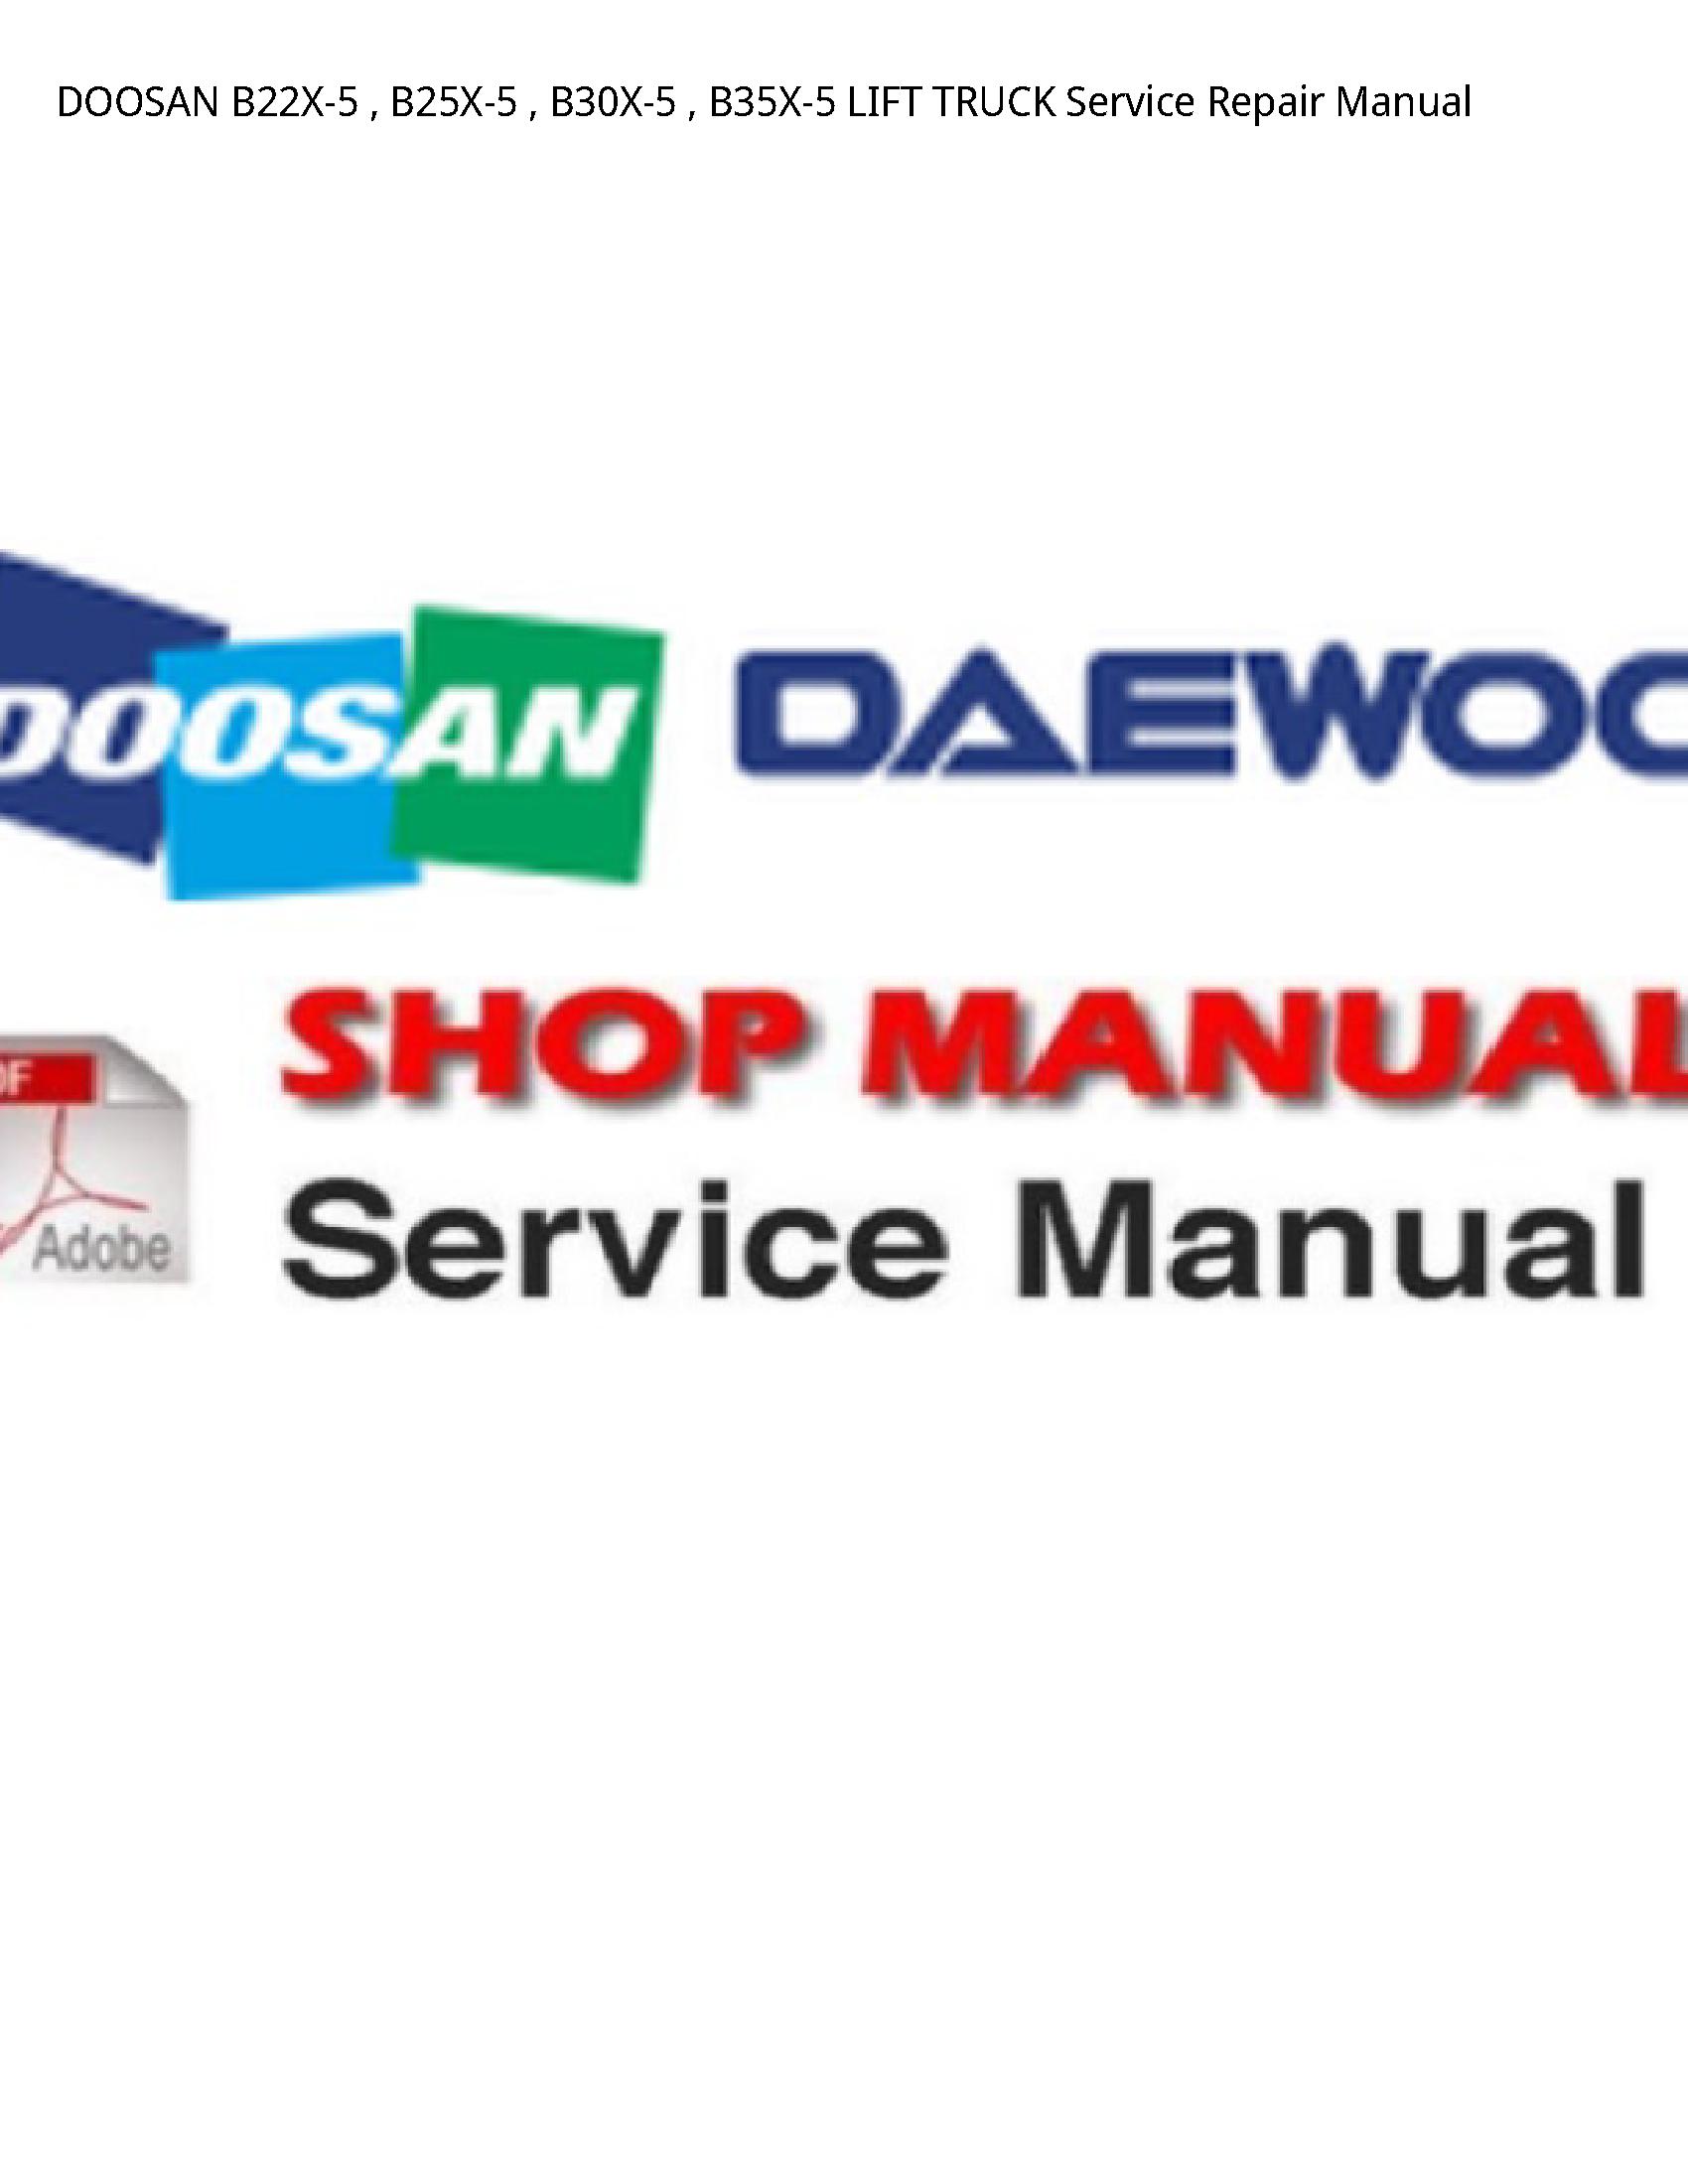 Doosan B22X-5 LIFT TRUCK manual